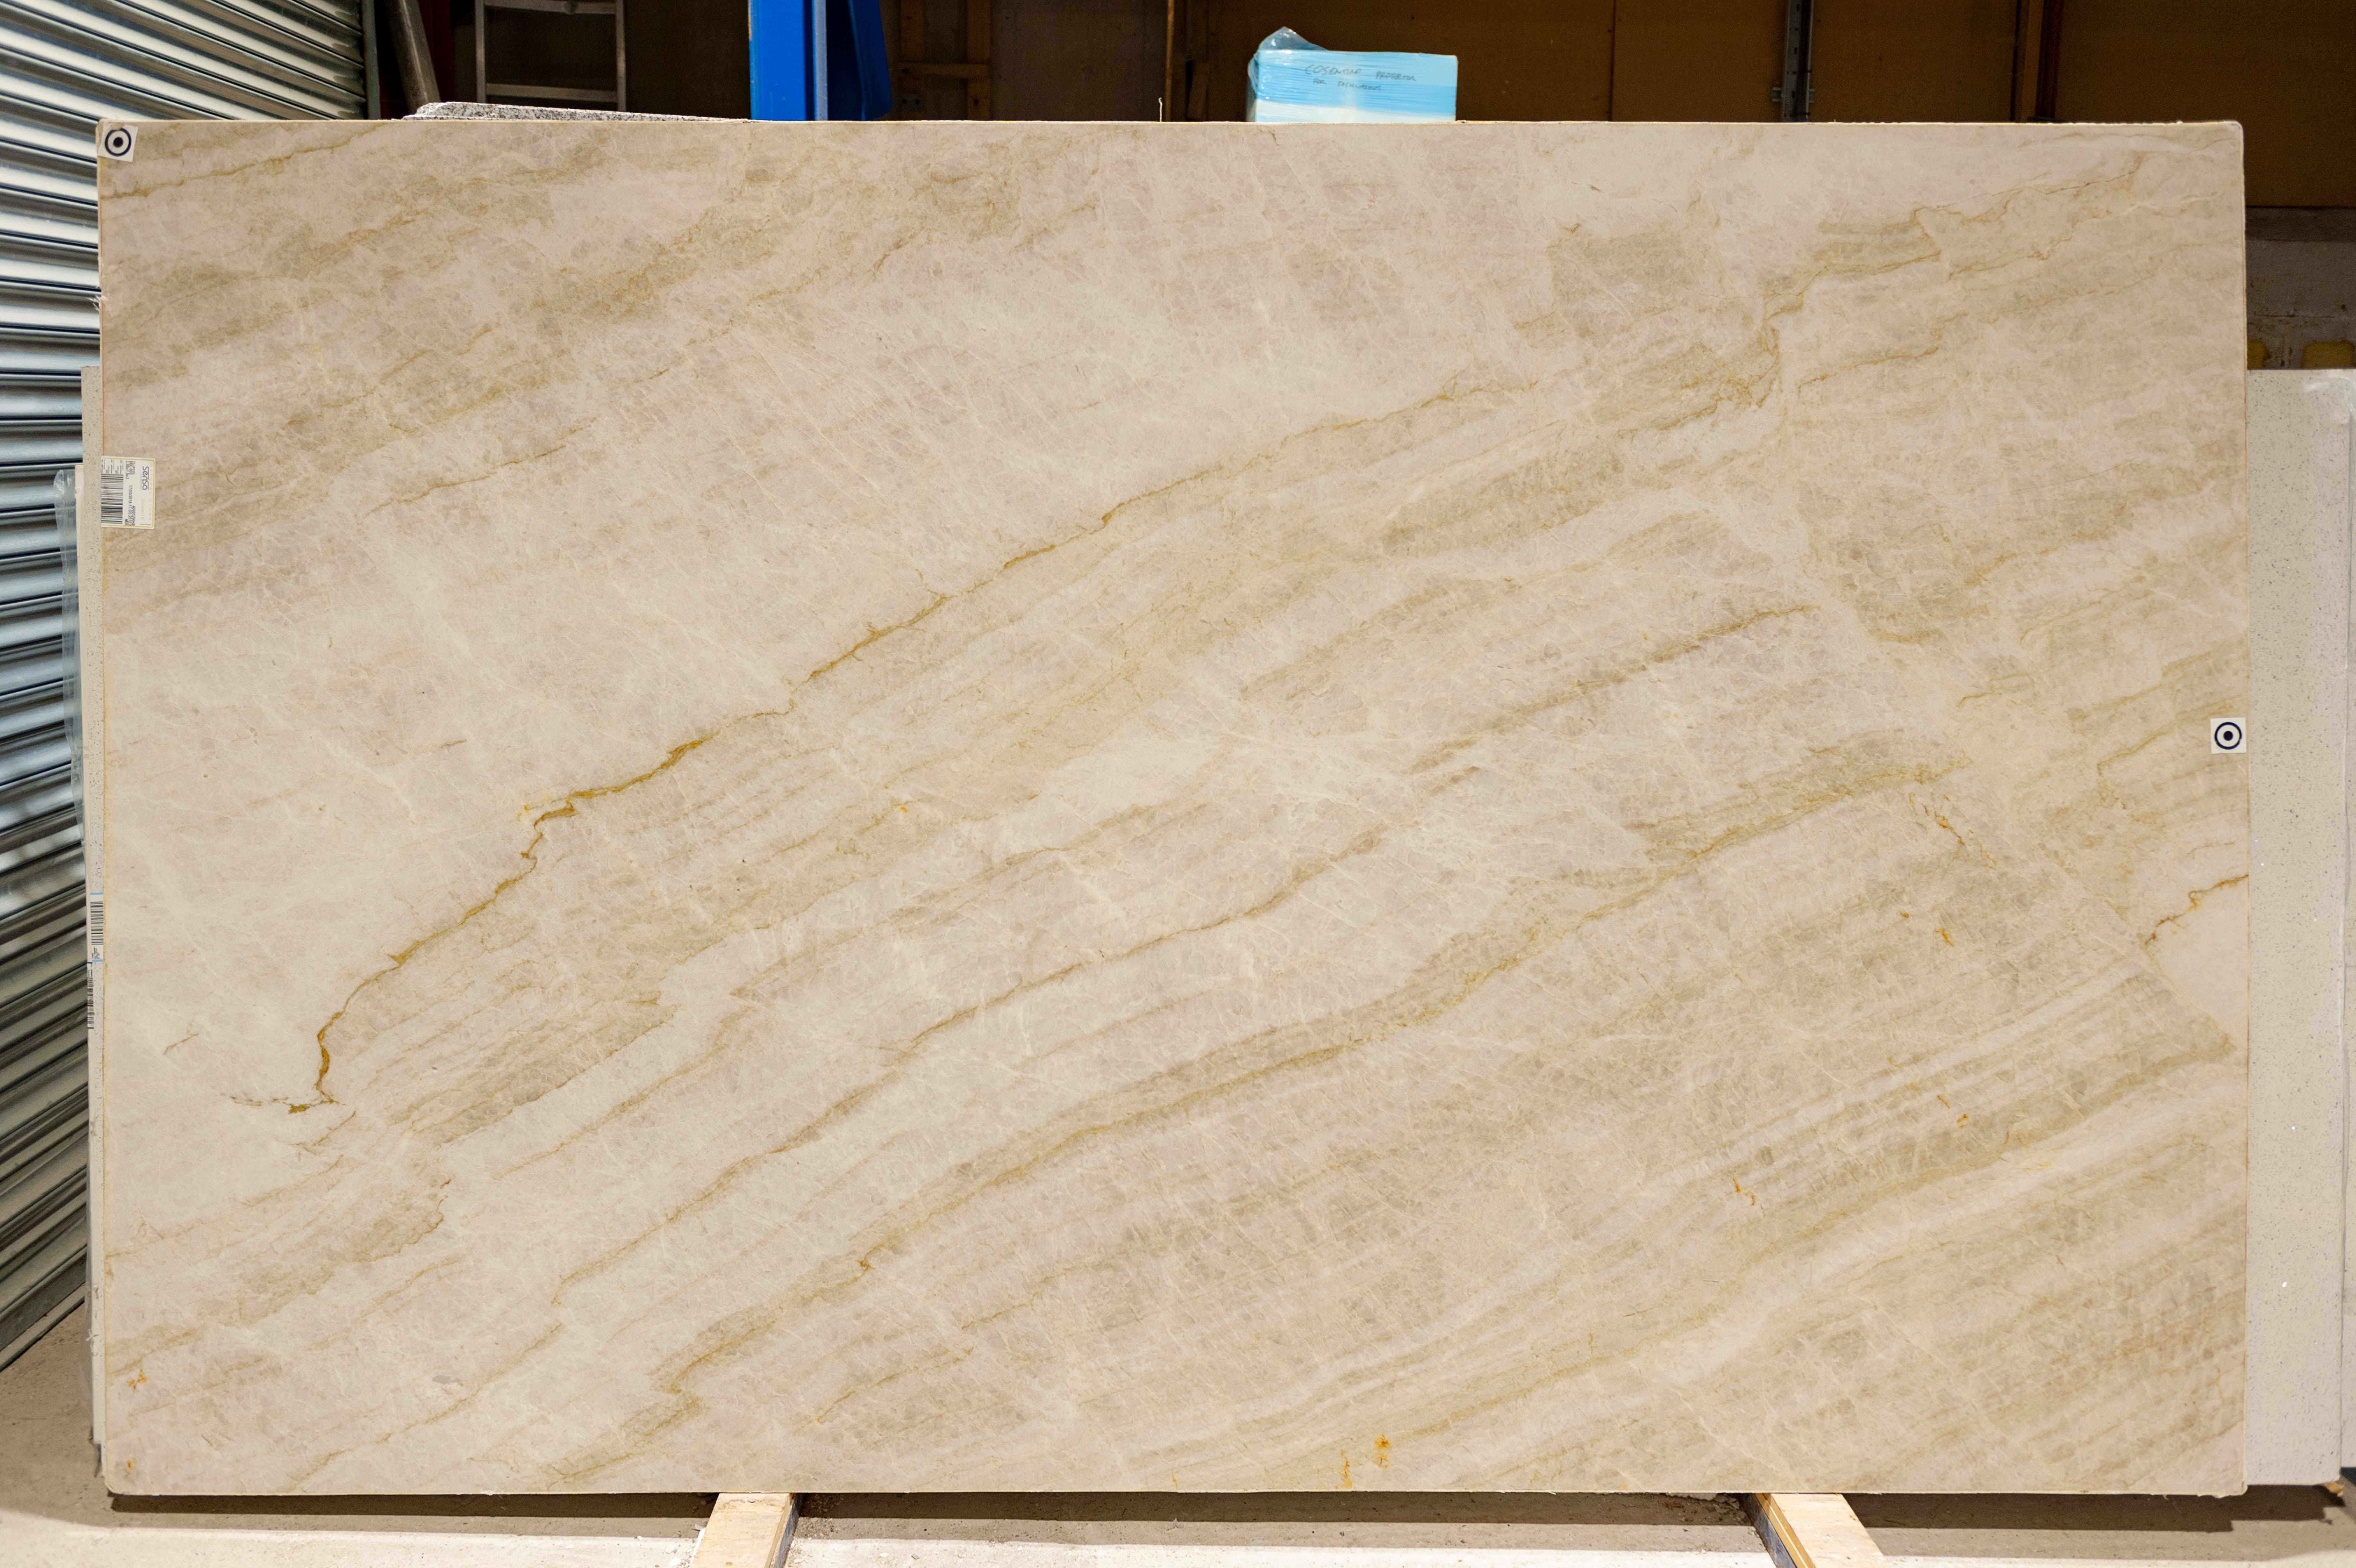 granite and quartz slabs Sensa Taj Mahal CO181204 34573 173740a